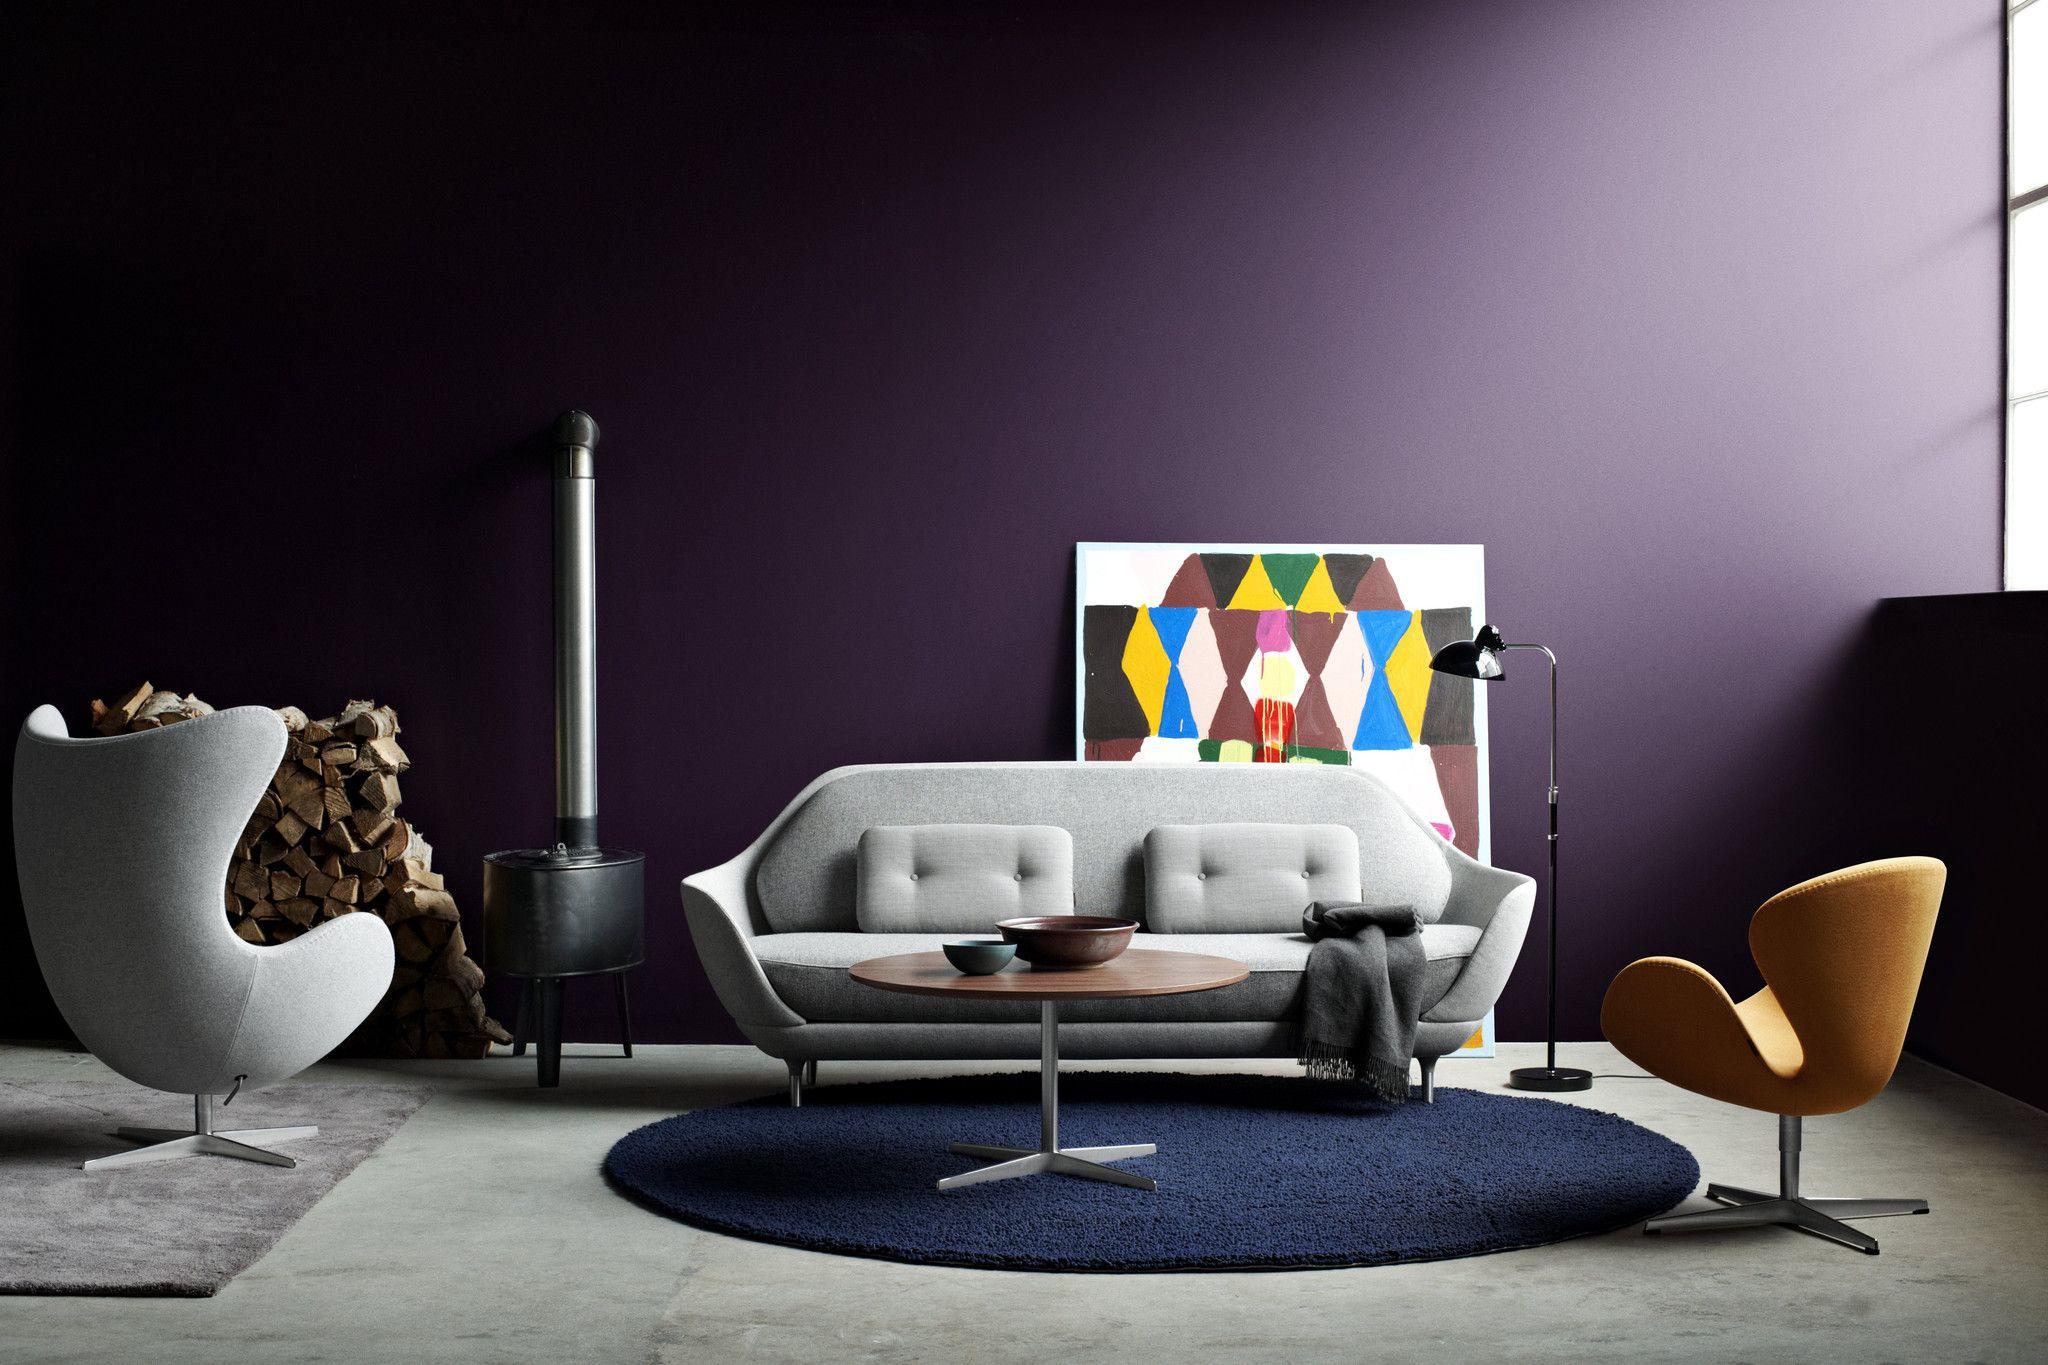 Pin on Egg Chair / Arne Jacobsen / nowoczesna STODOŁA